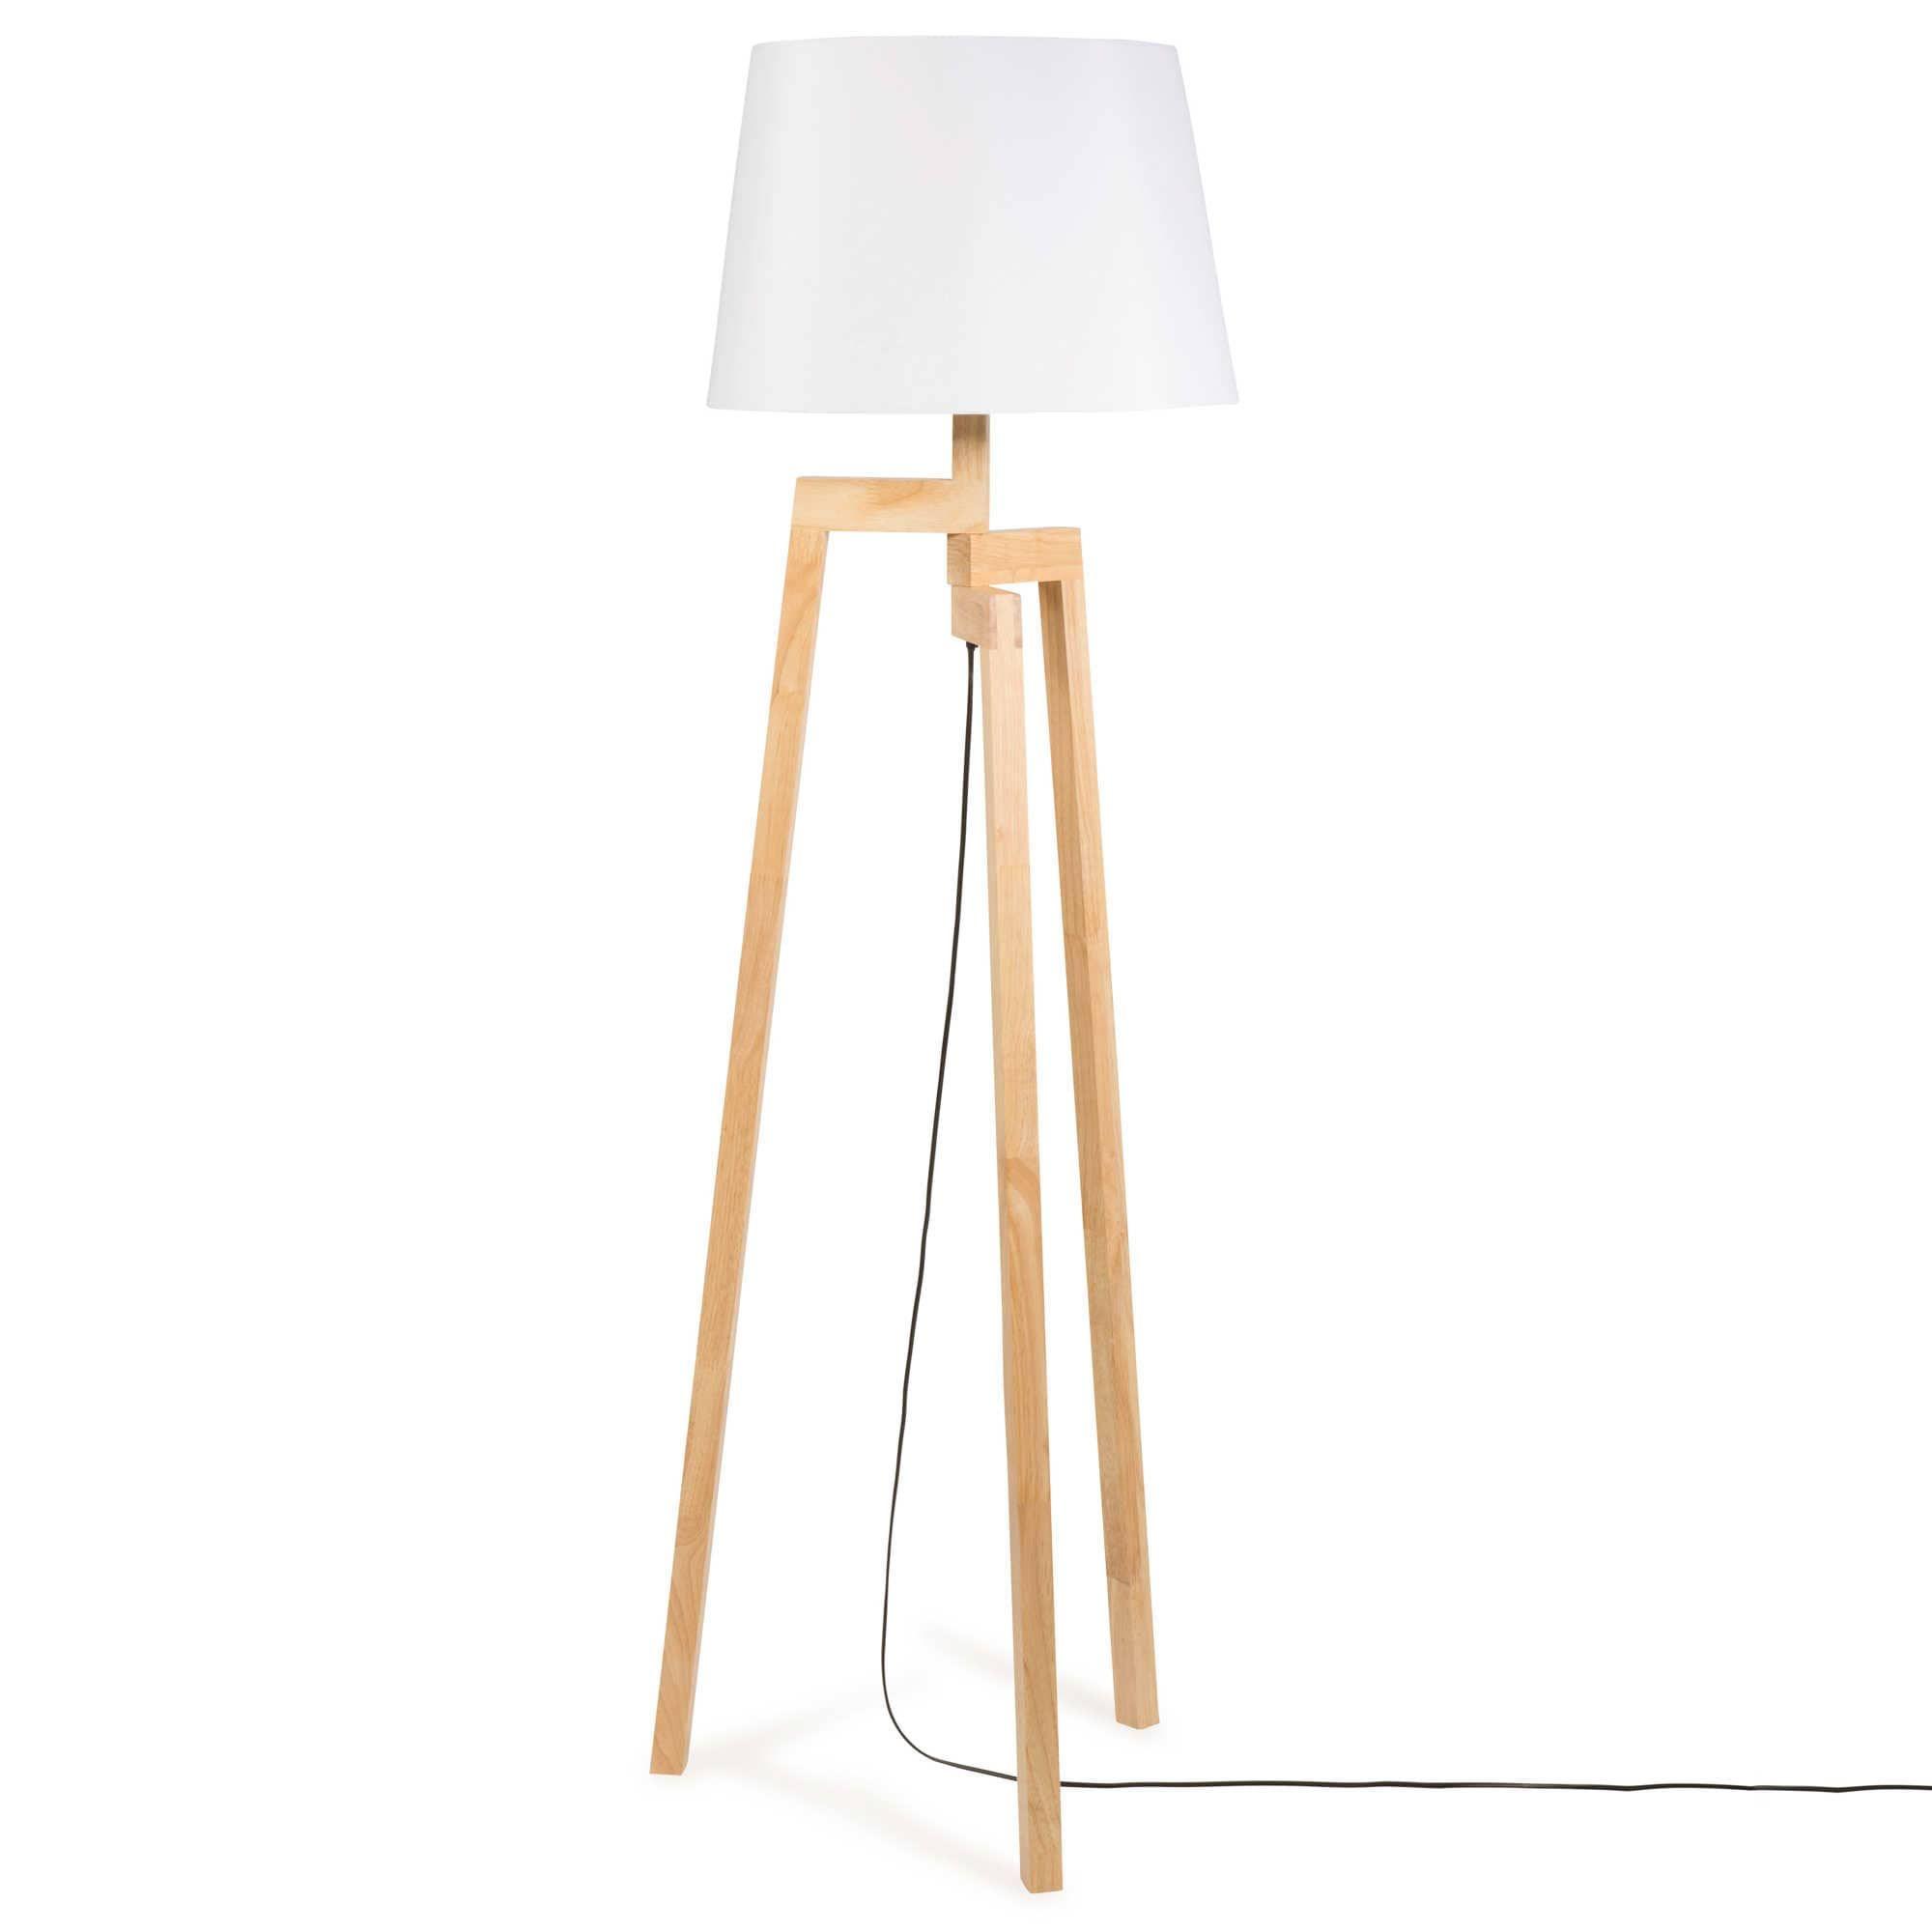 Wunderbar Holz Stehleuchte Referenz Von Dreibeinig Aus Holz, H 150 Cm, Vesuvio